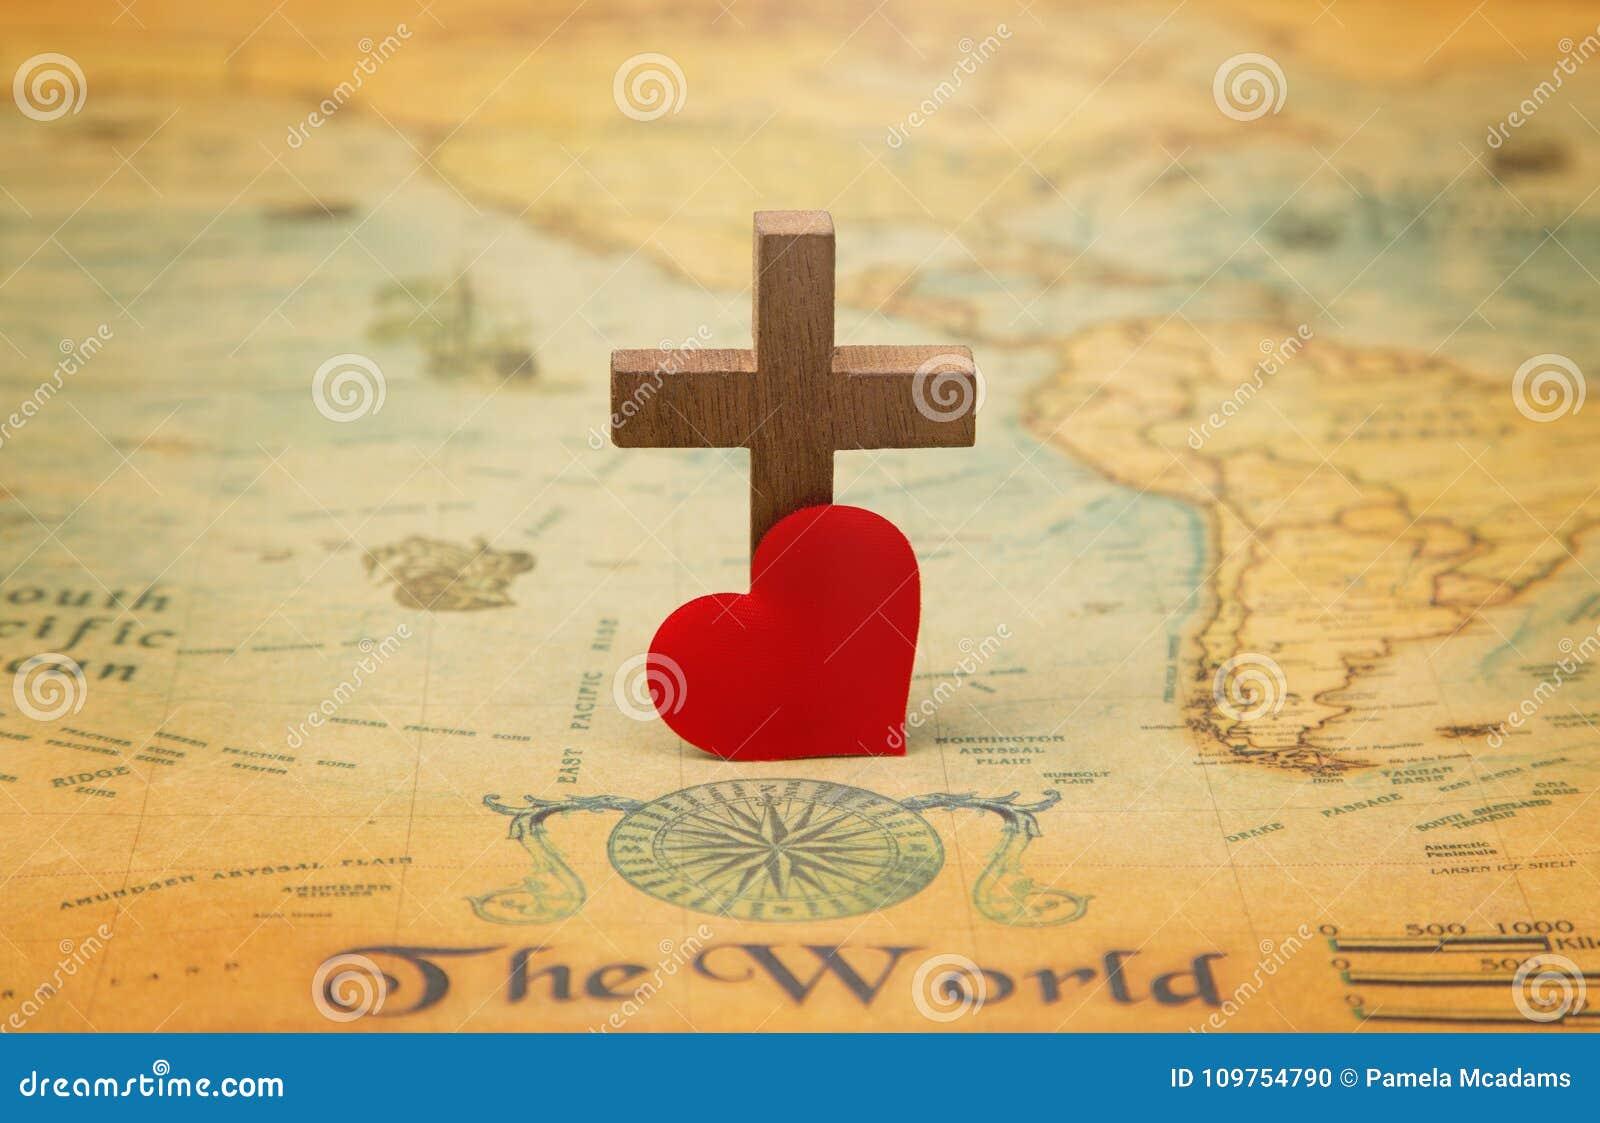 Para o deus amado assim o mundo